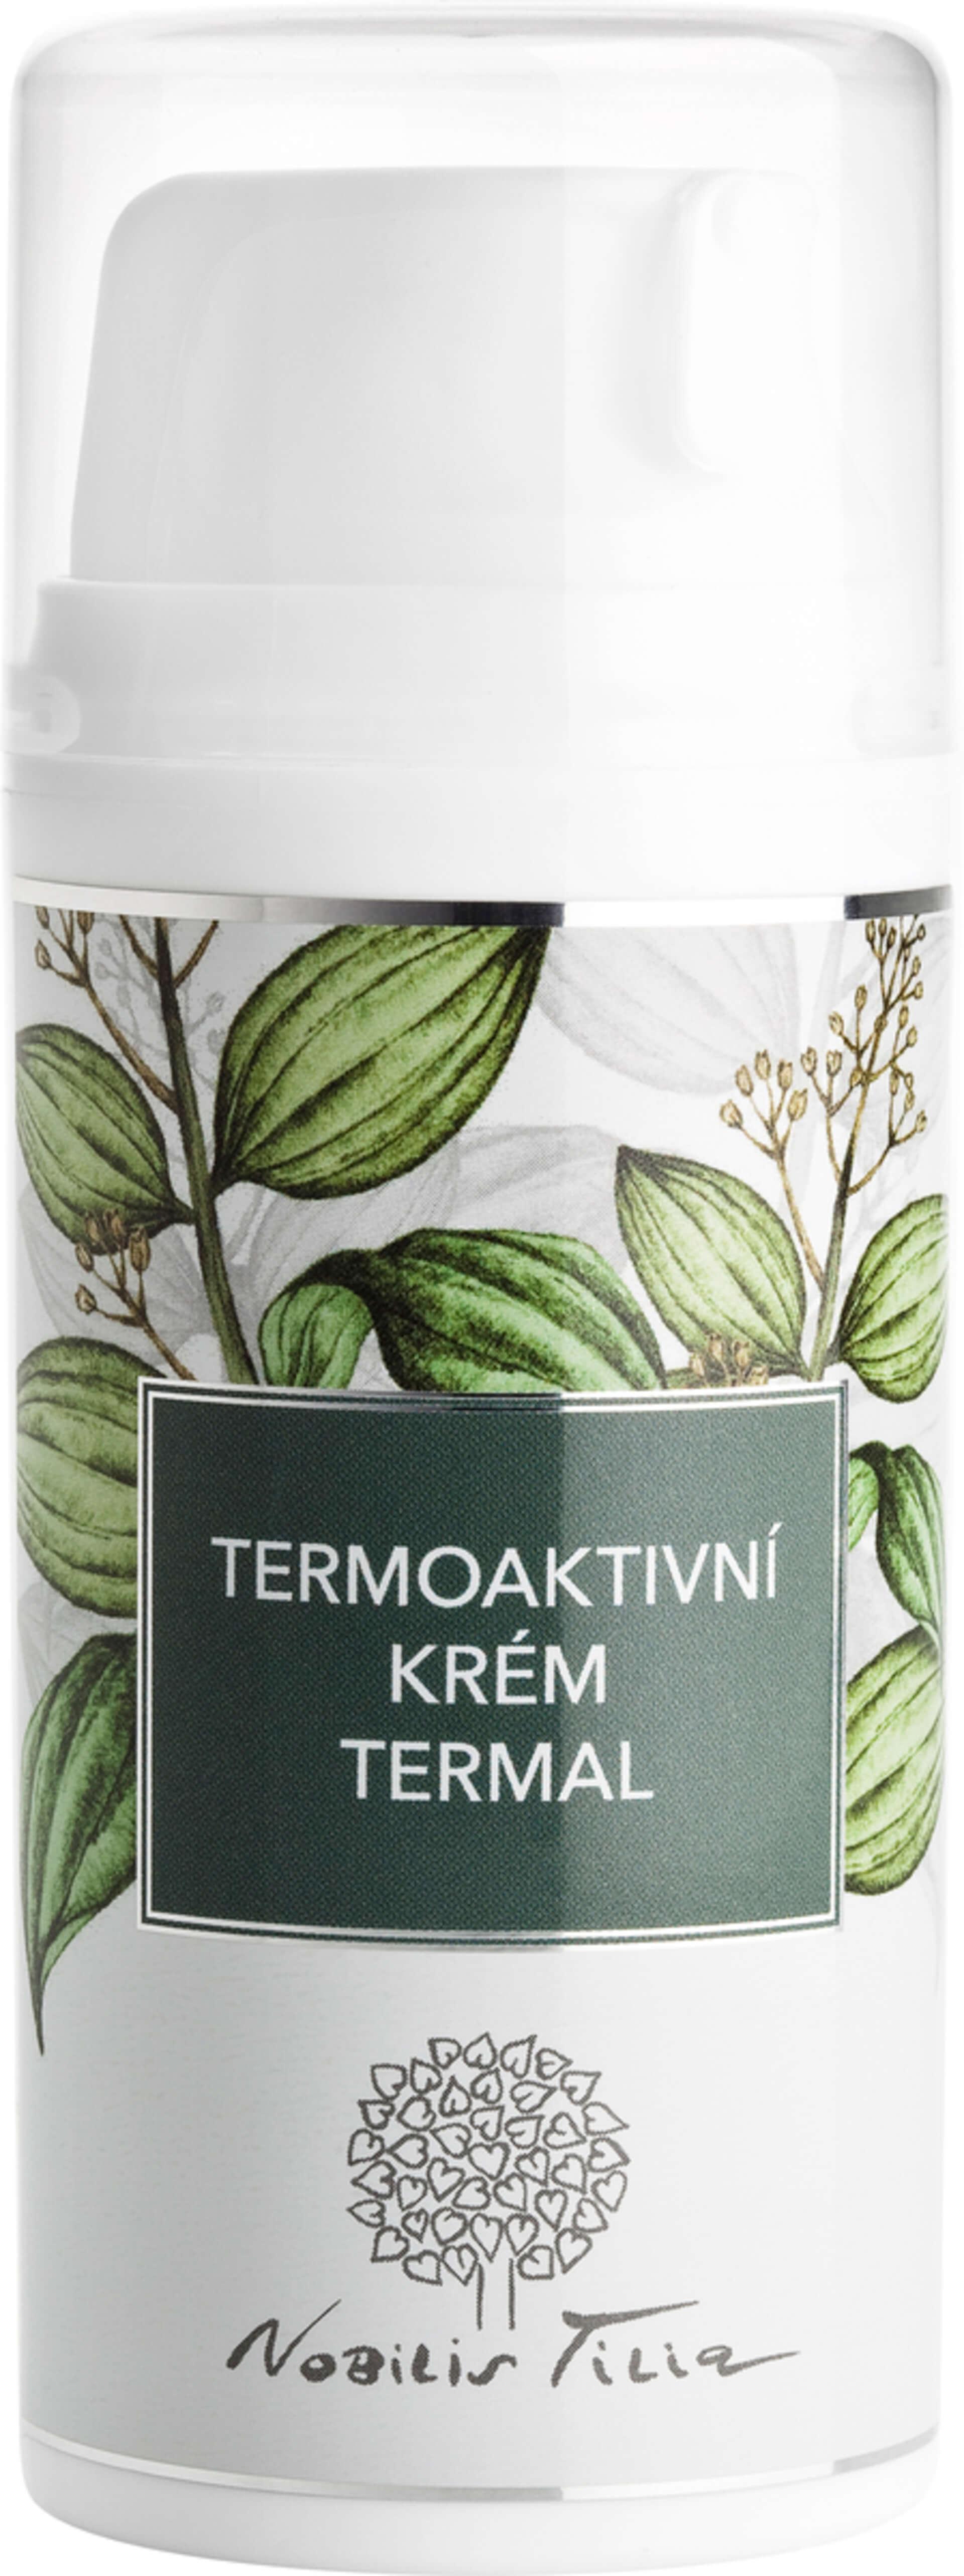 Nobilis Tilia Termoaktívny krém Termal 100 ml